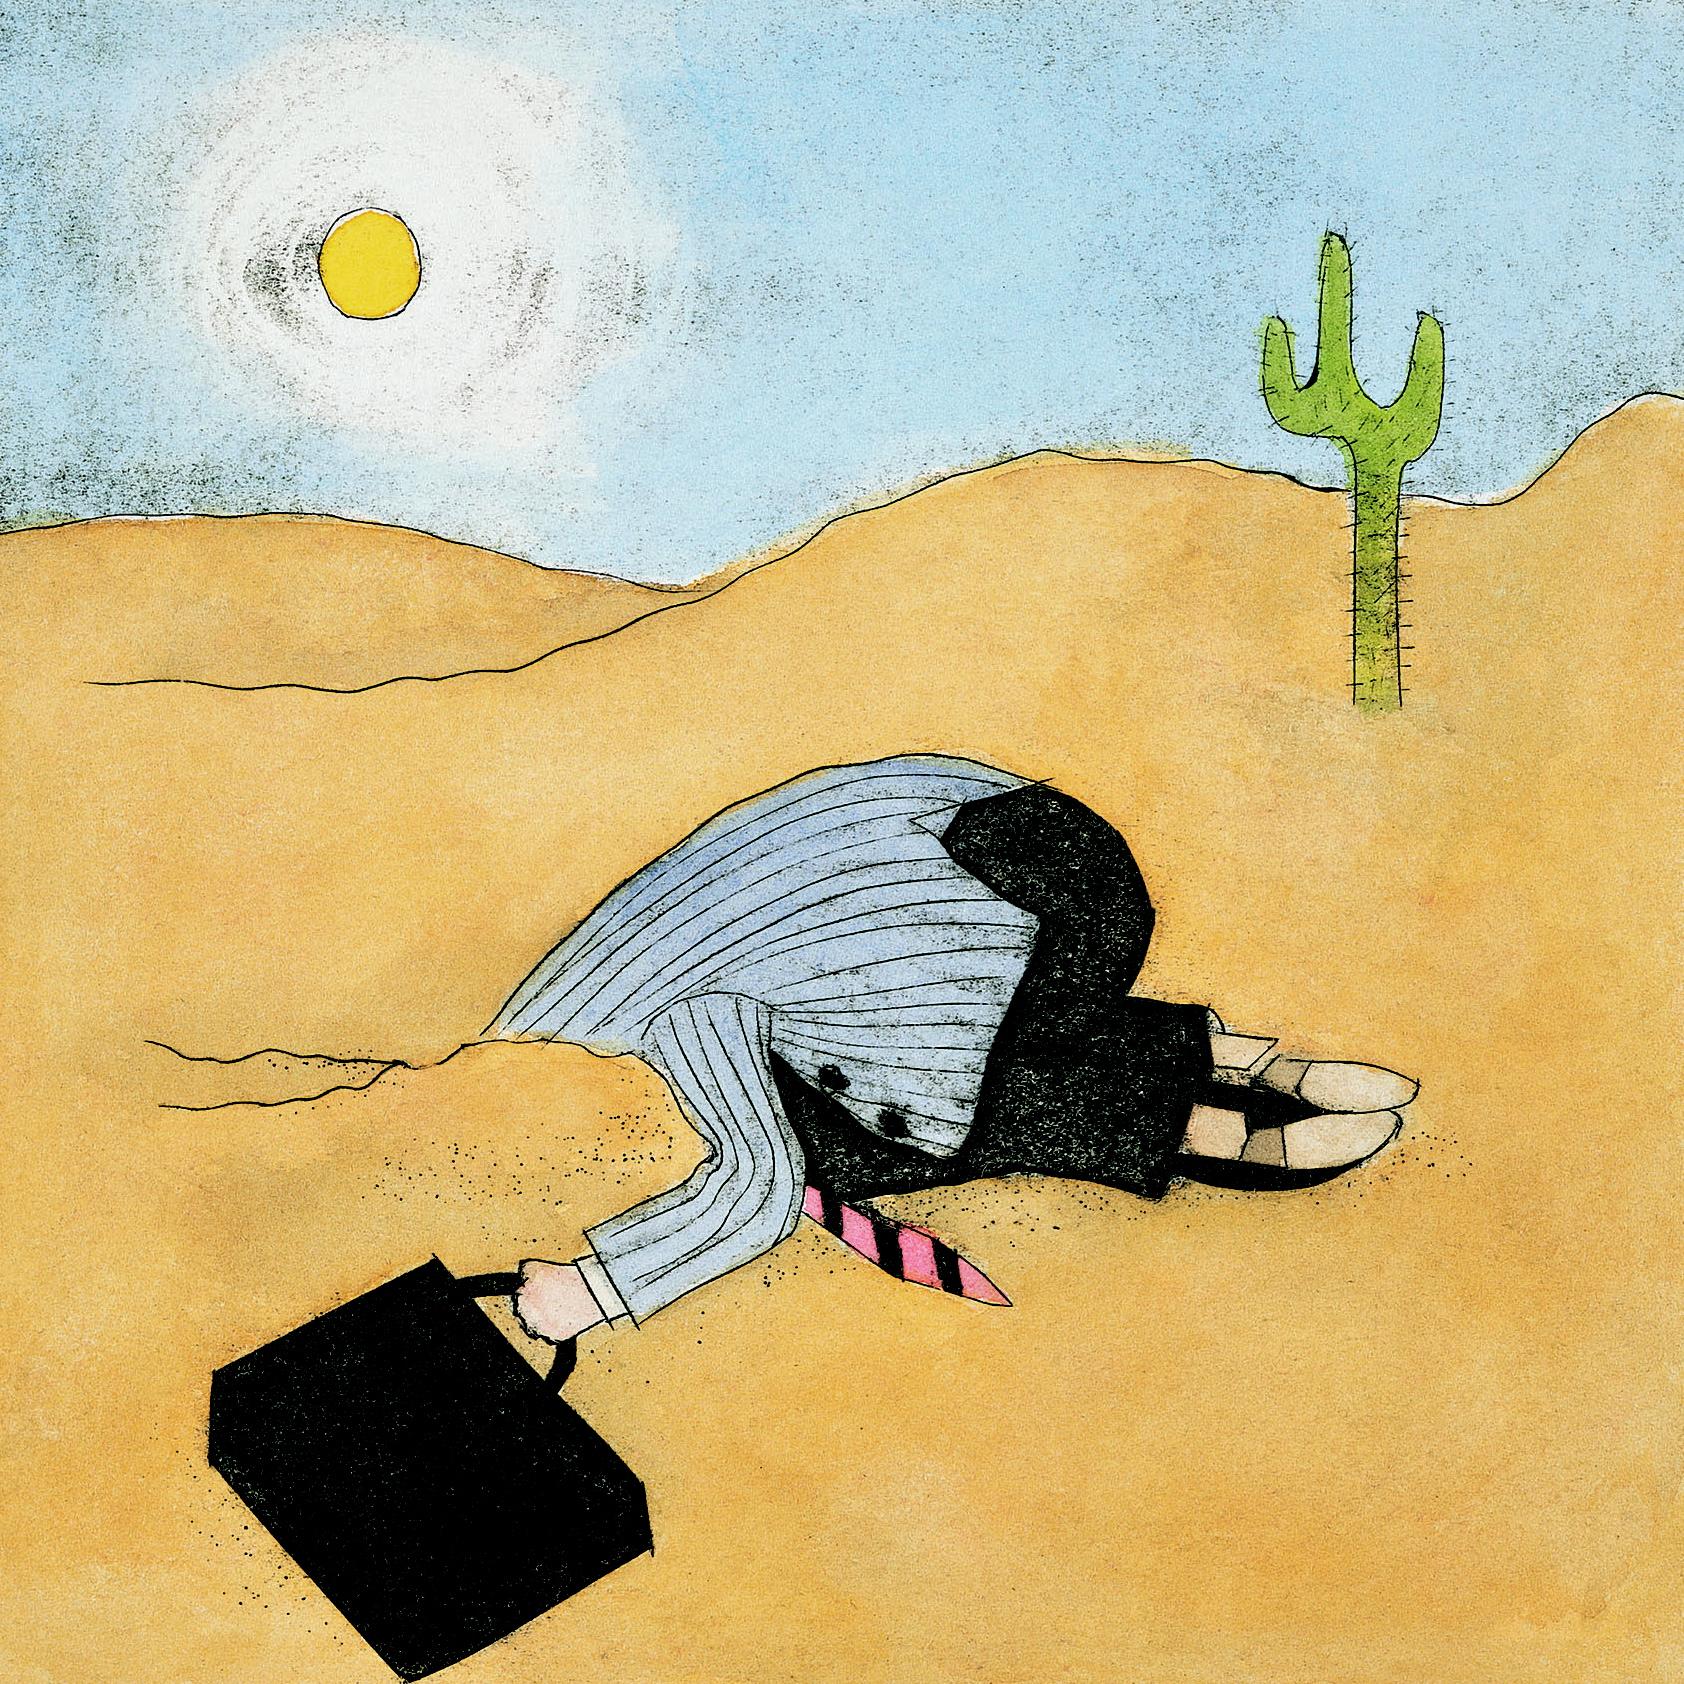 Met het hoofd in het zand, als metafoor voor niet bewust kiezen voor intern of extern faciliteren